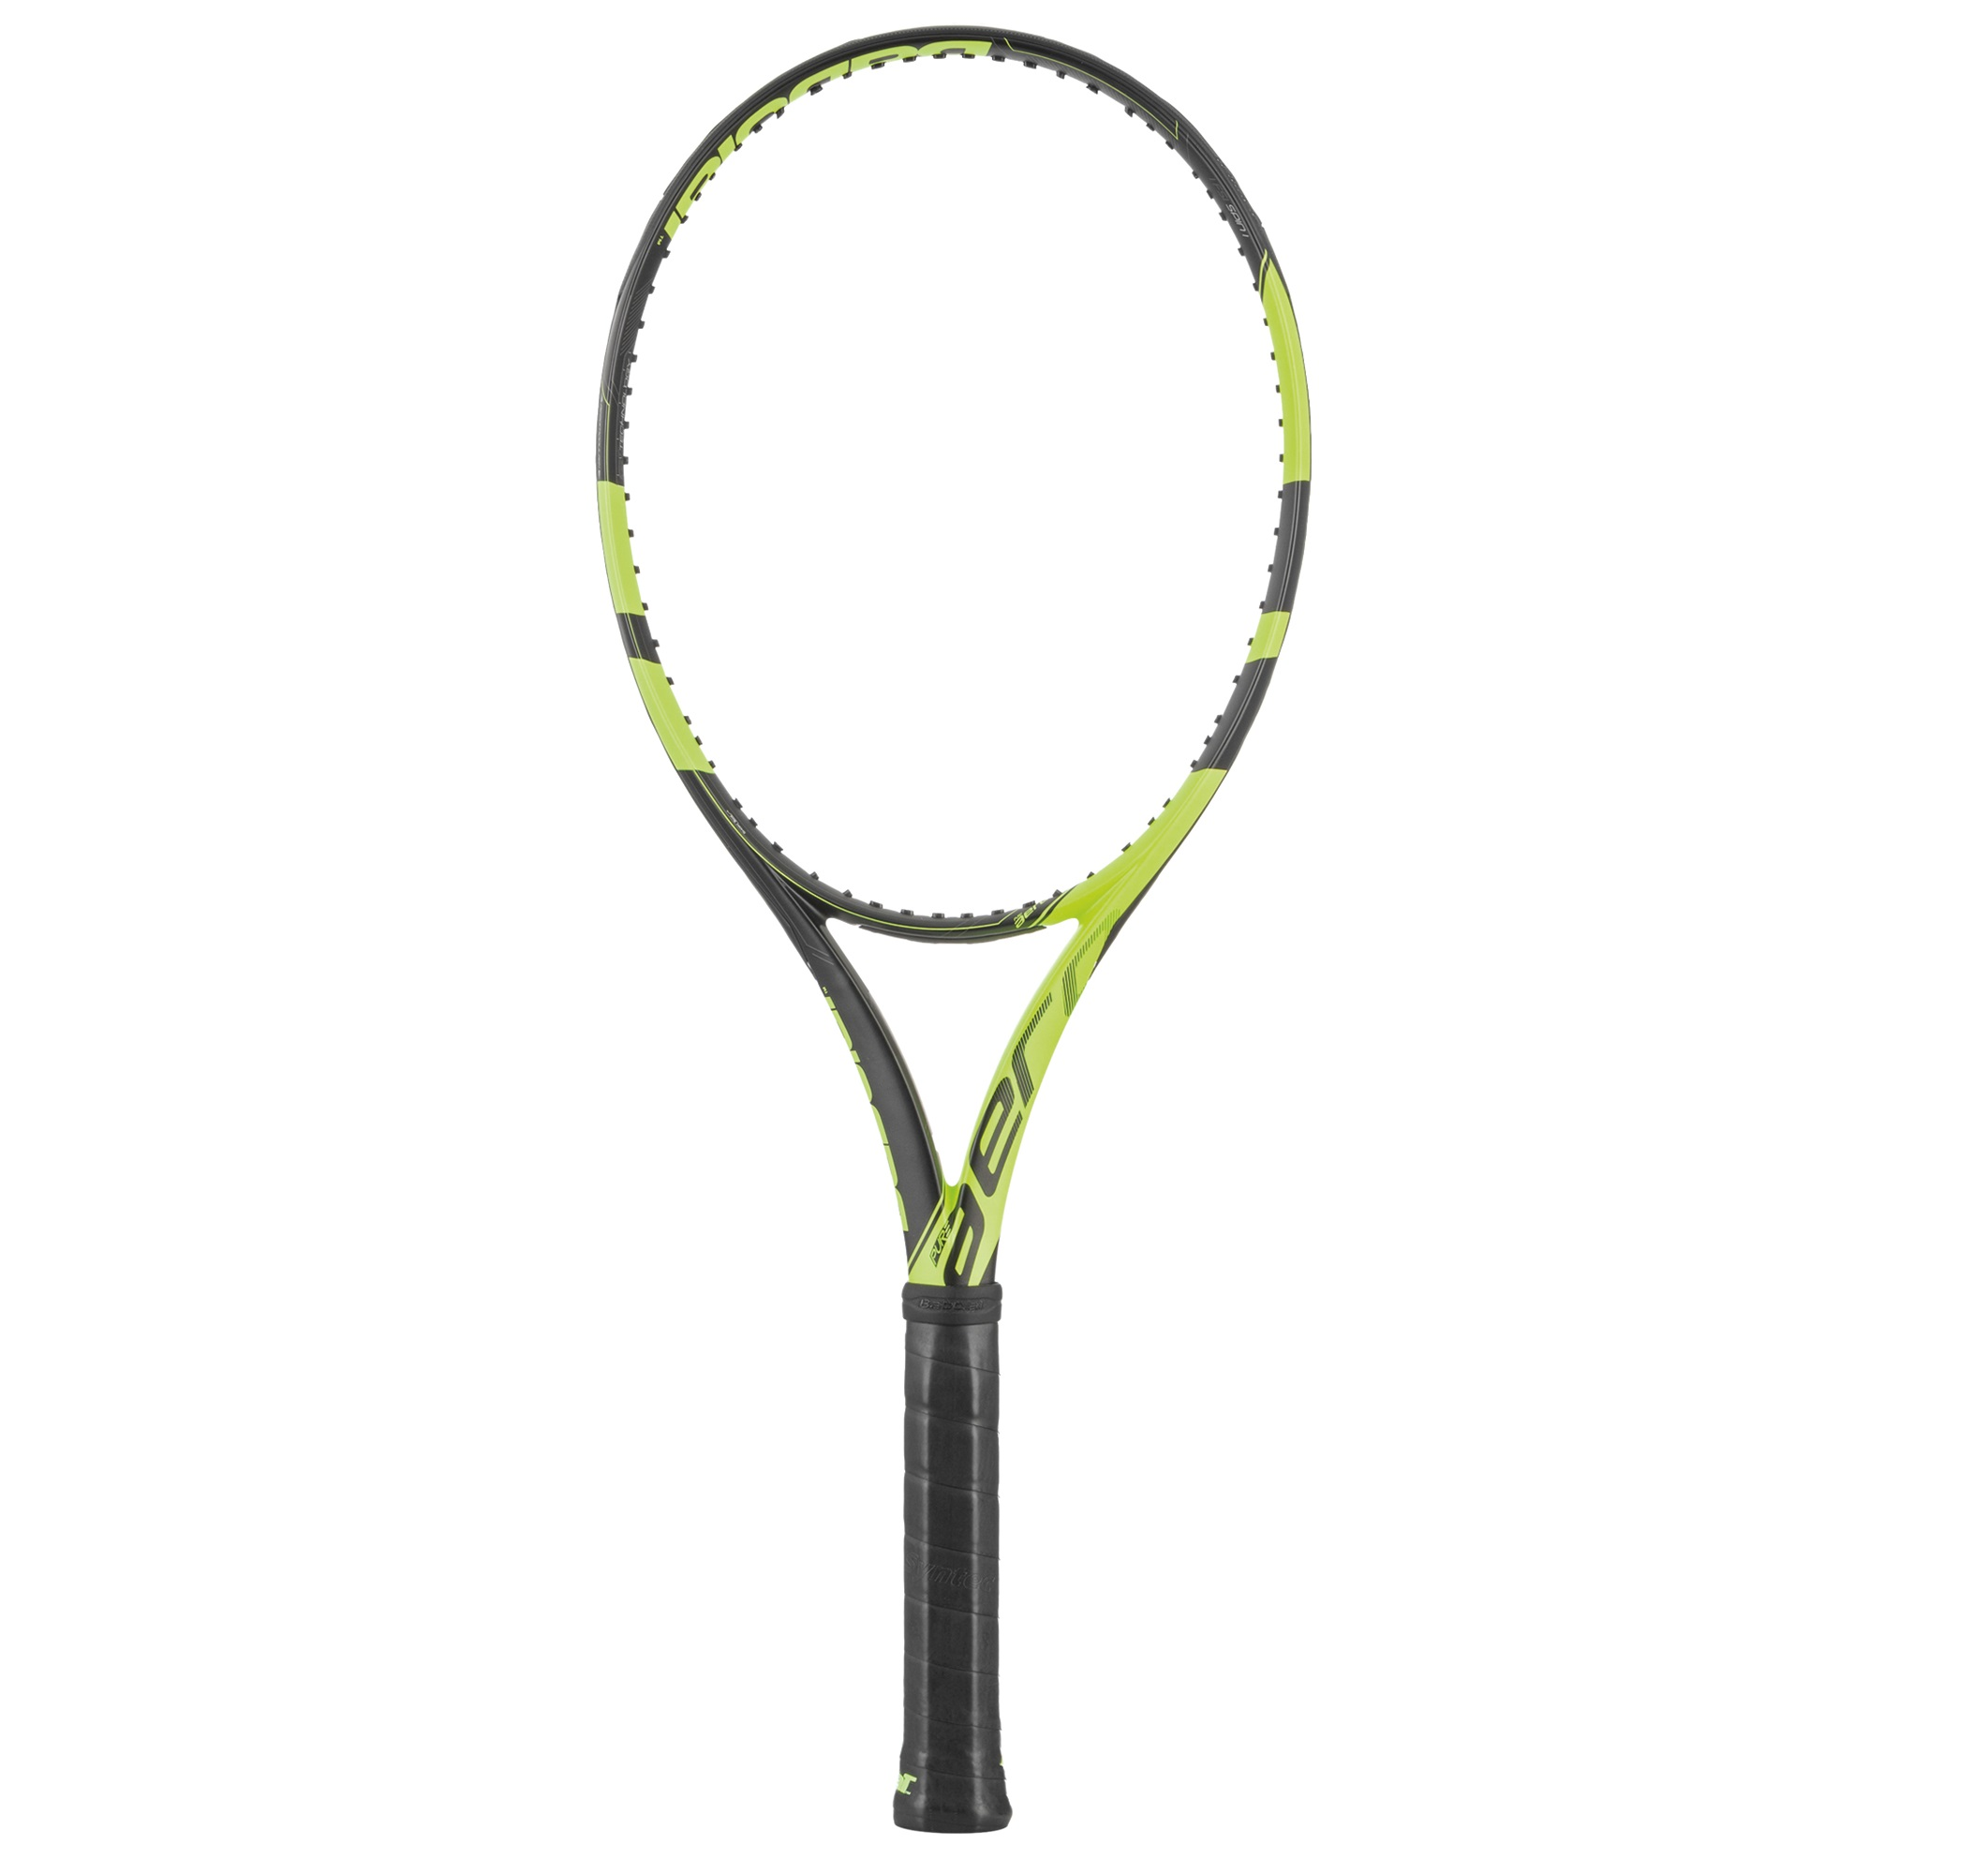 Babolat Ракетка для большого тенниса Pure Aero Unstrung